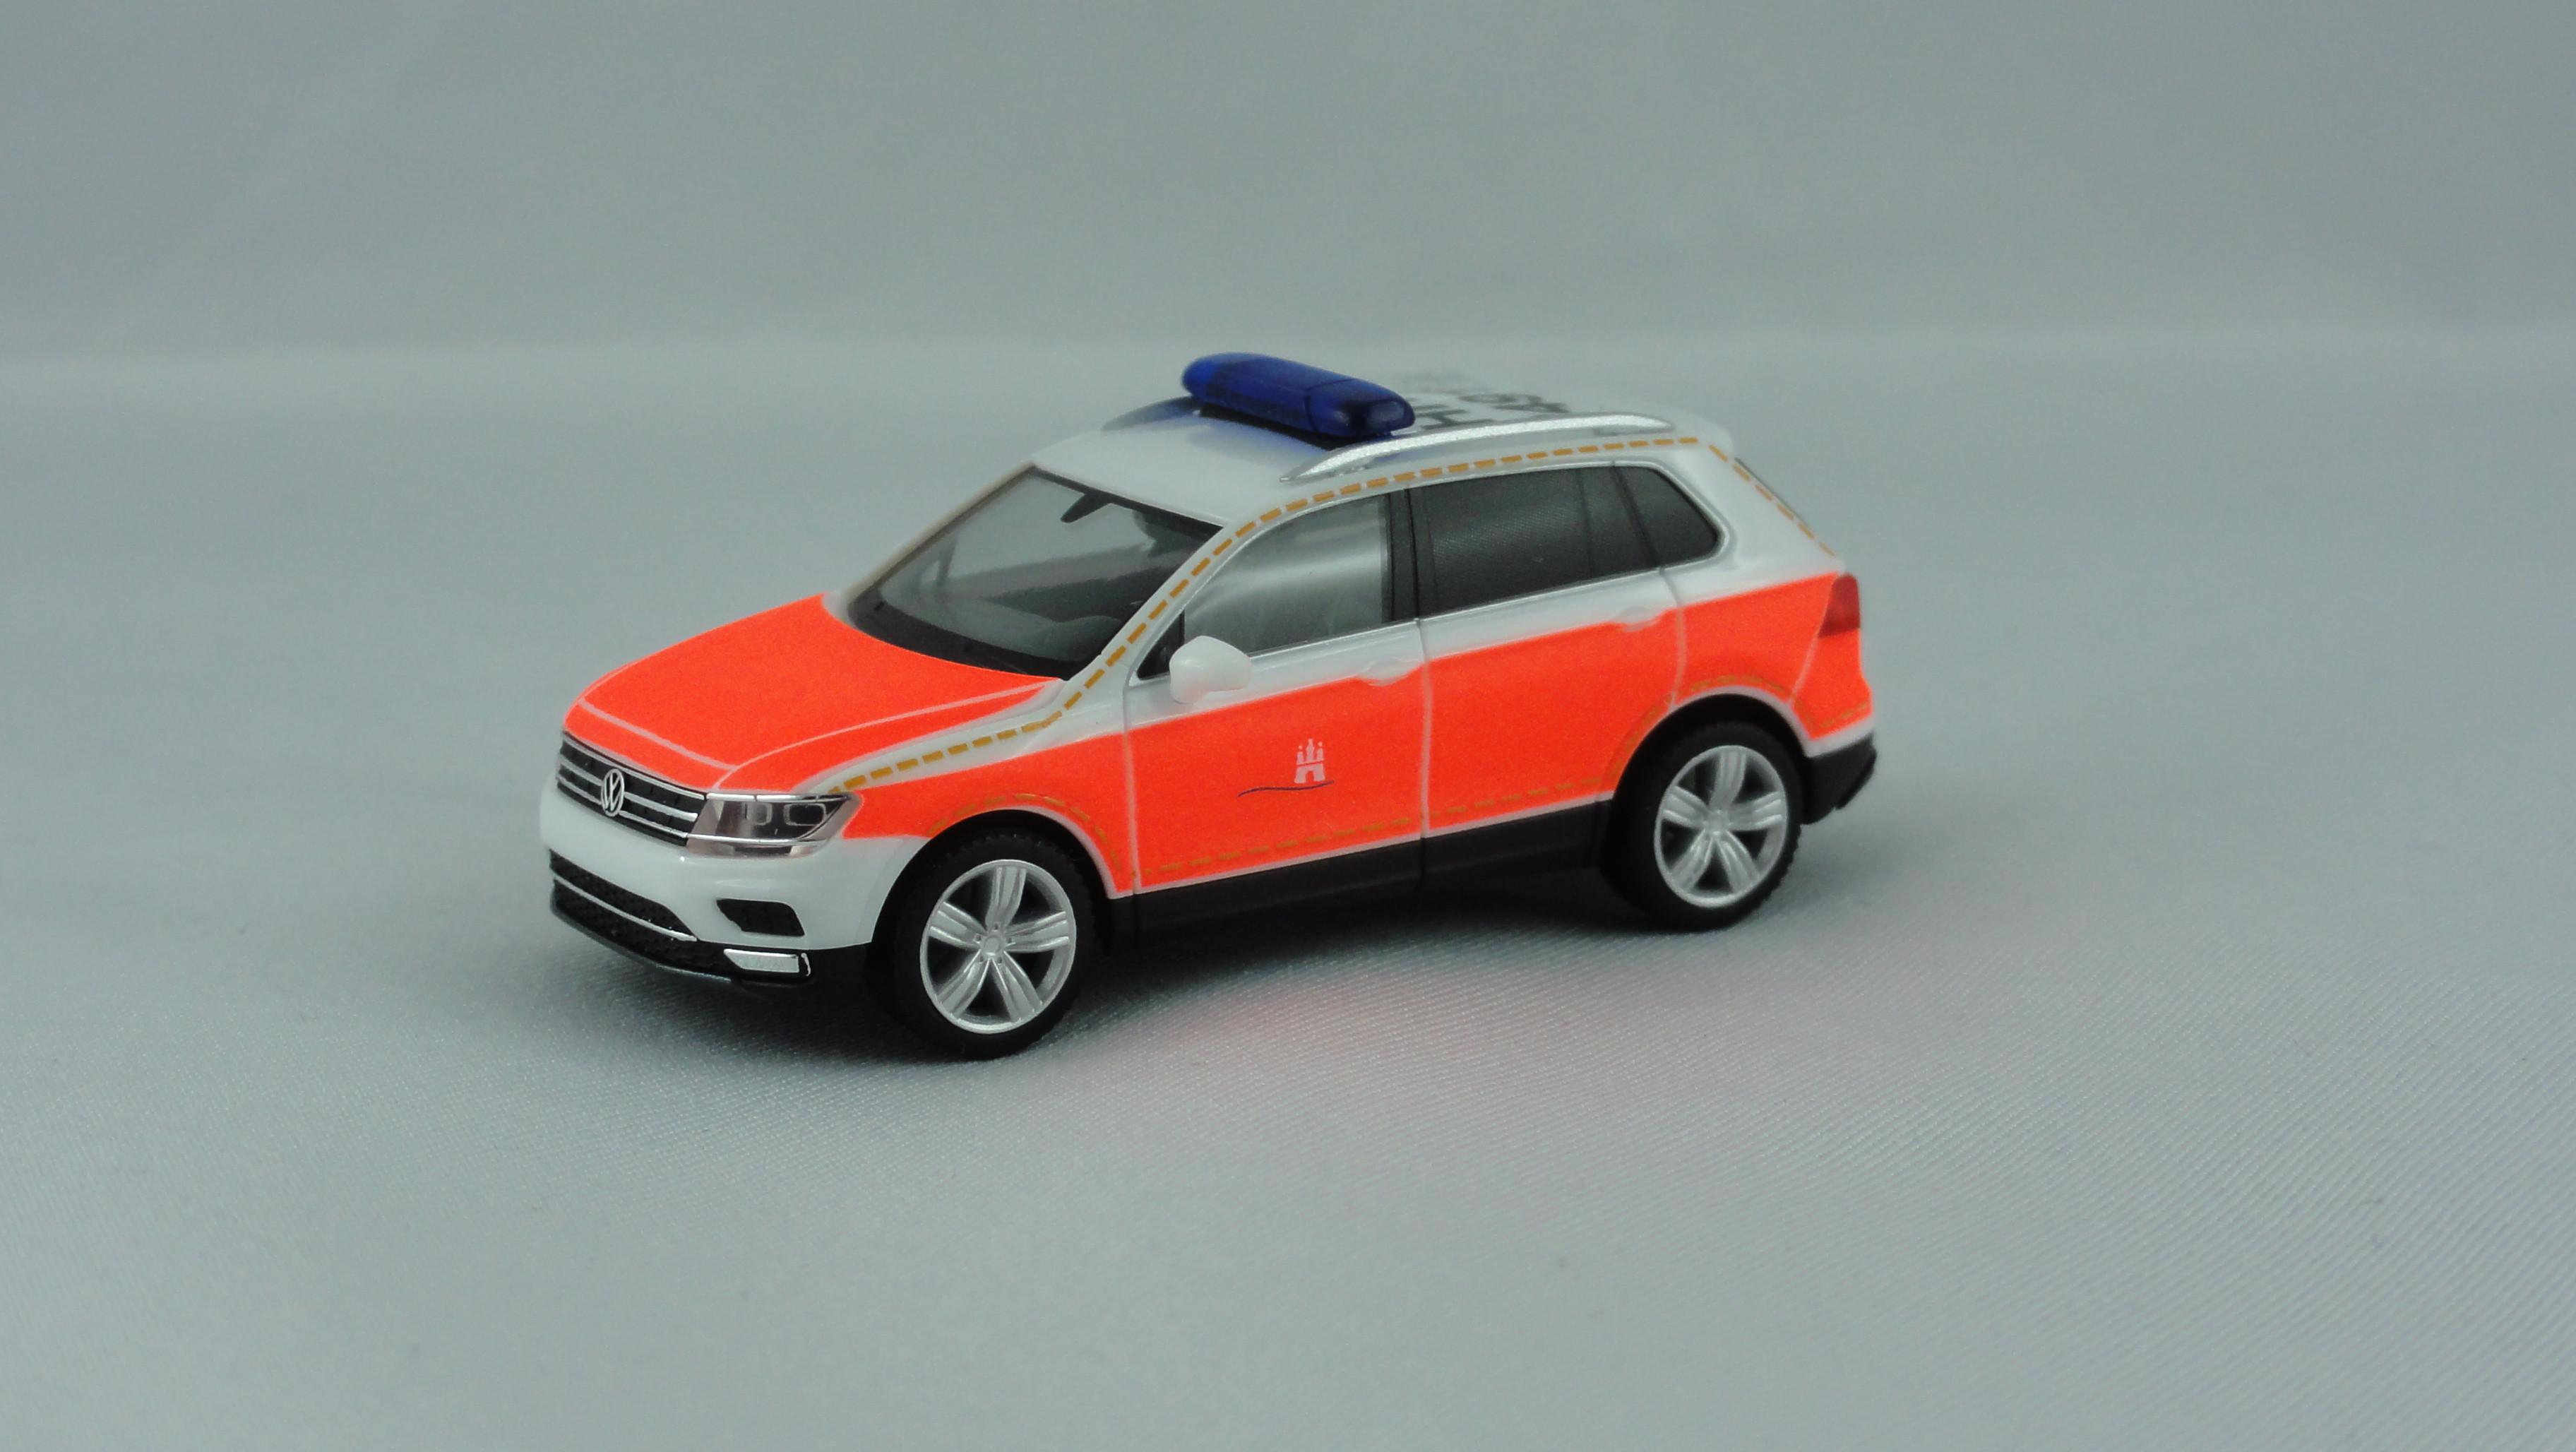 Herpa VW Tiguan KdoW Feuerwehr Hamburg BF Berliner Tor HH - 2491, Sondermodell Auflage 200 Stück